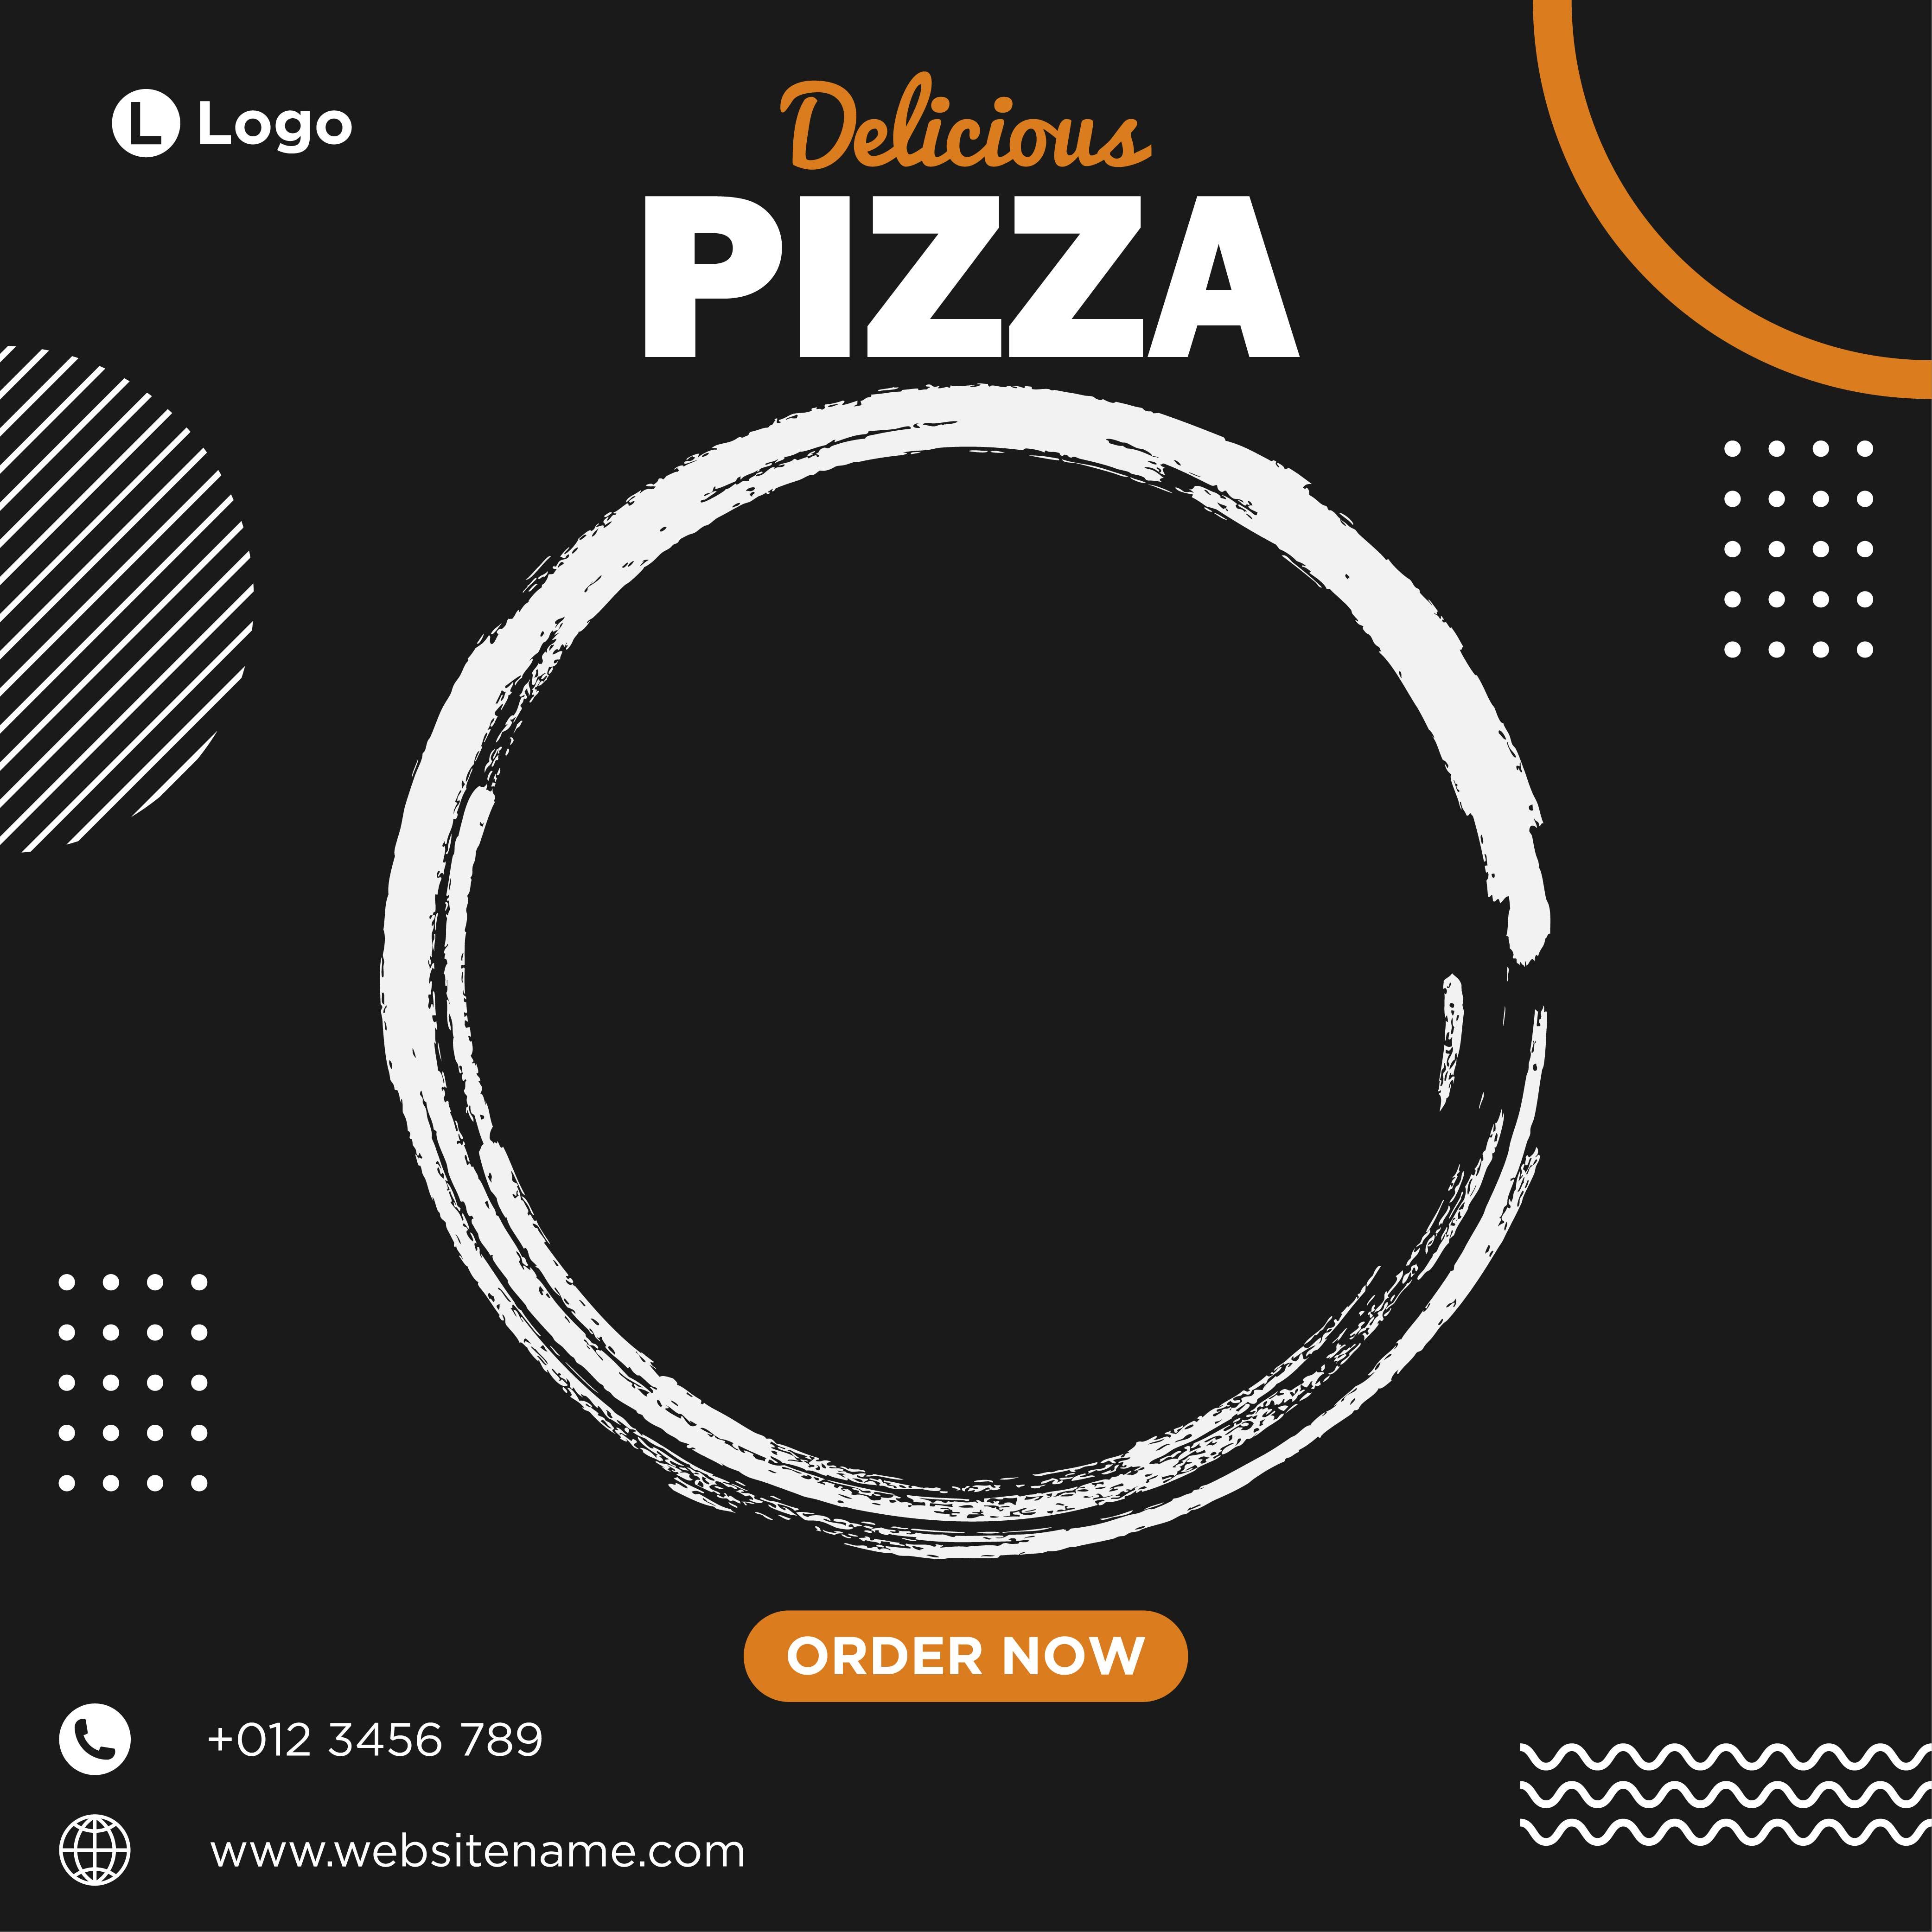 Black, white and orange delicious pizza social media template